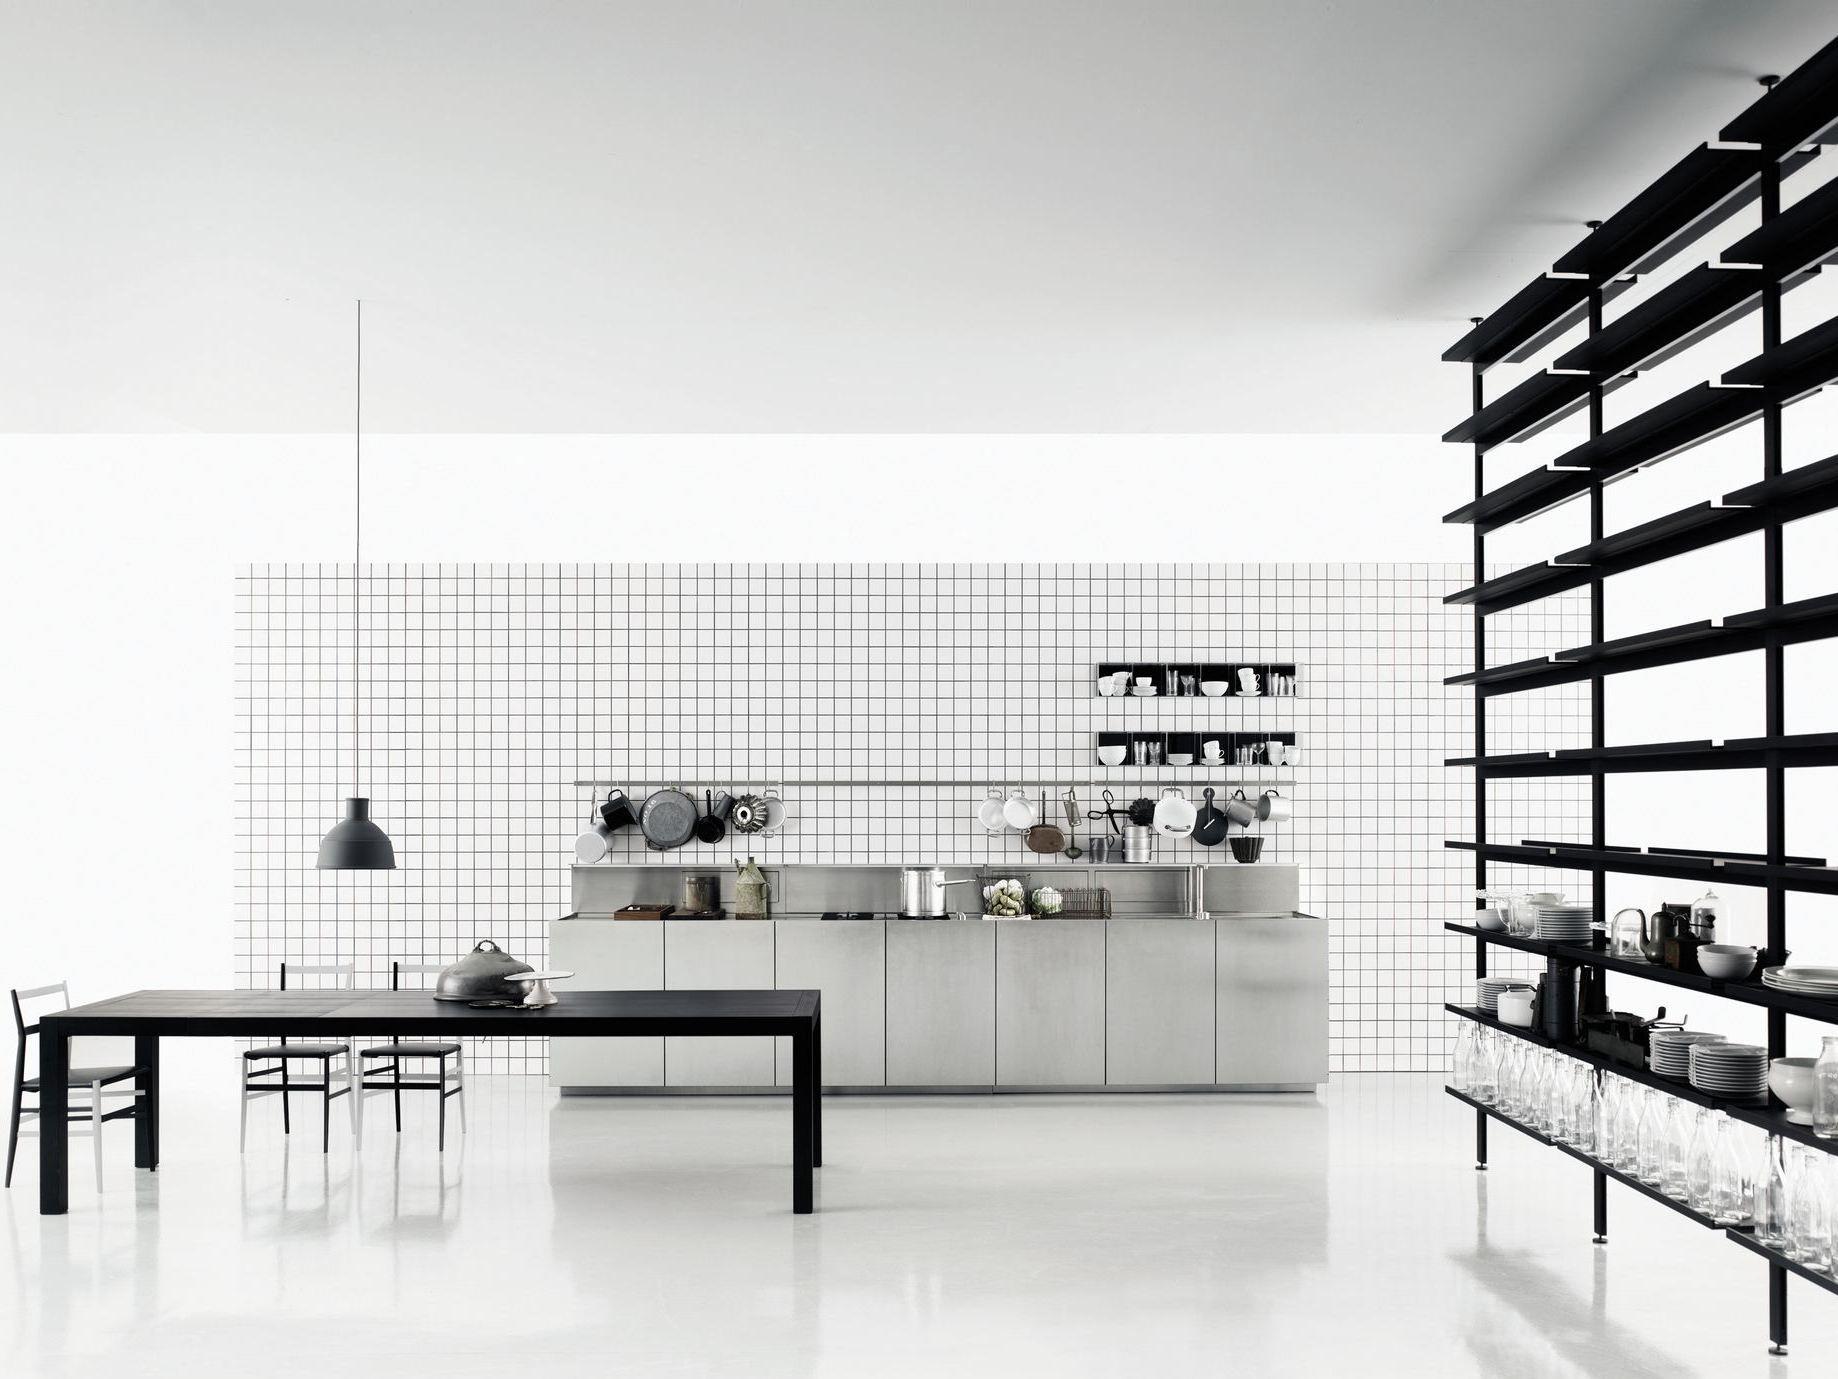 Groß Küchen Aus Edelstahl Bilder Die Schlafzimmerideen kruloei